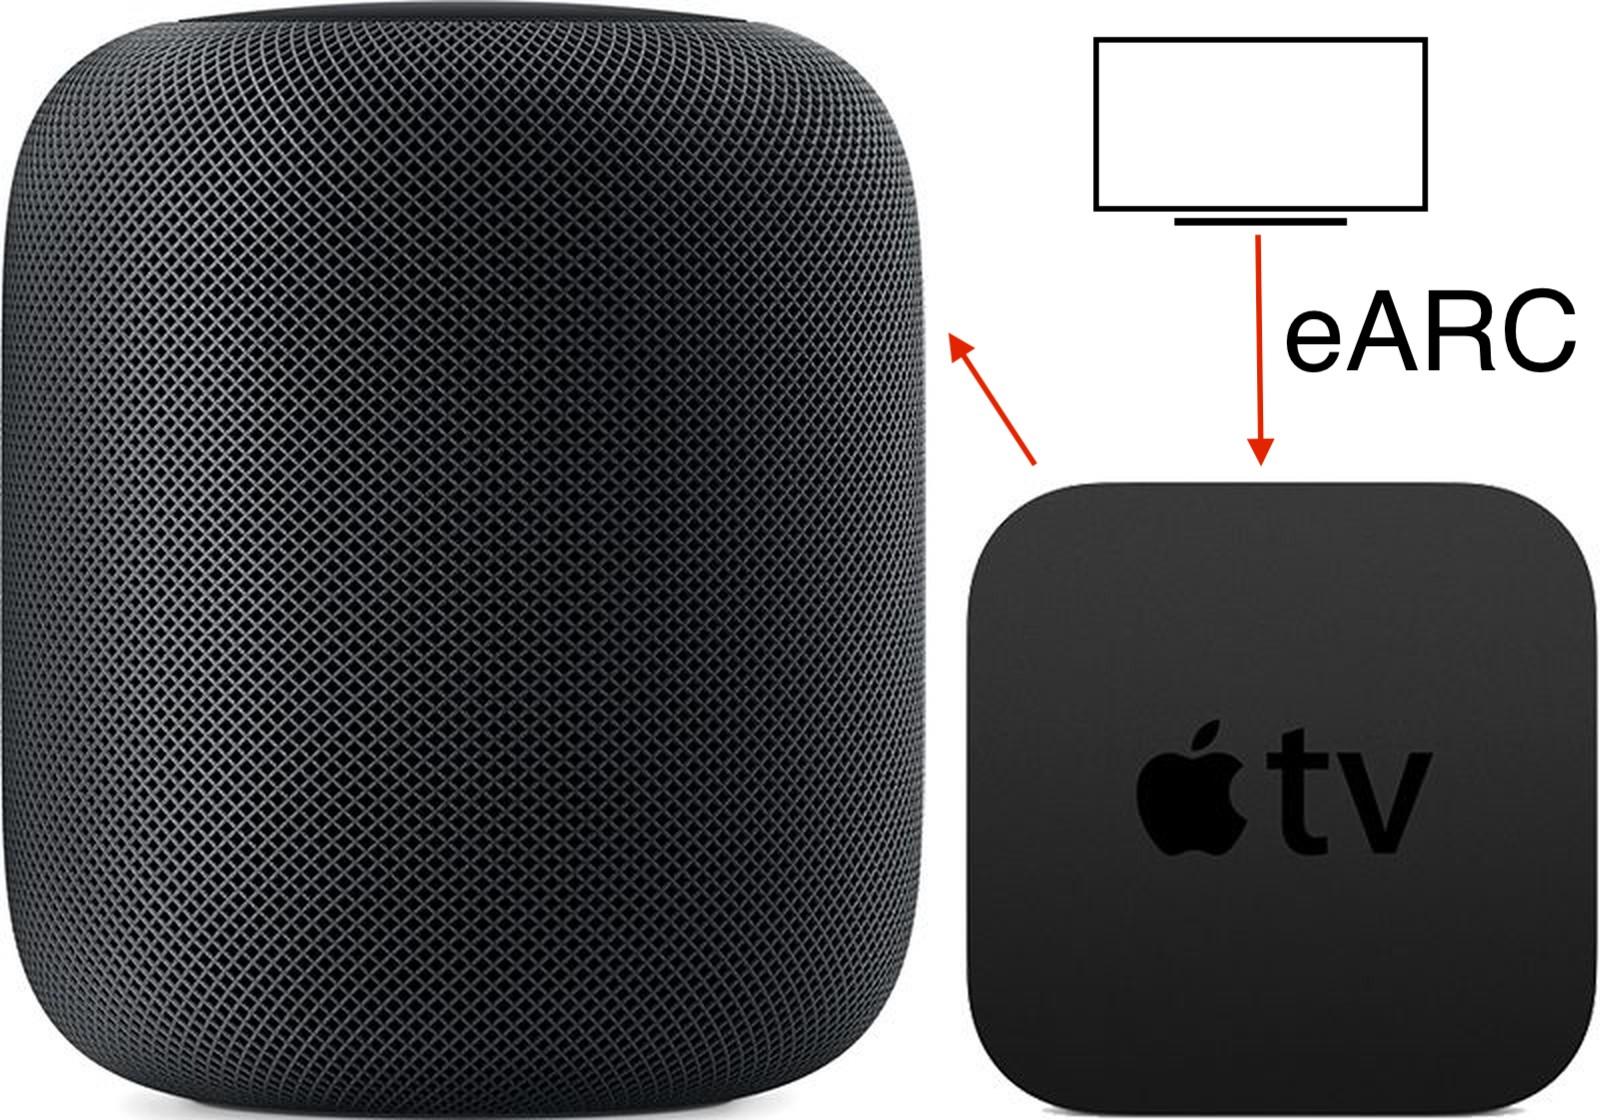 Apple TV eARC